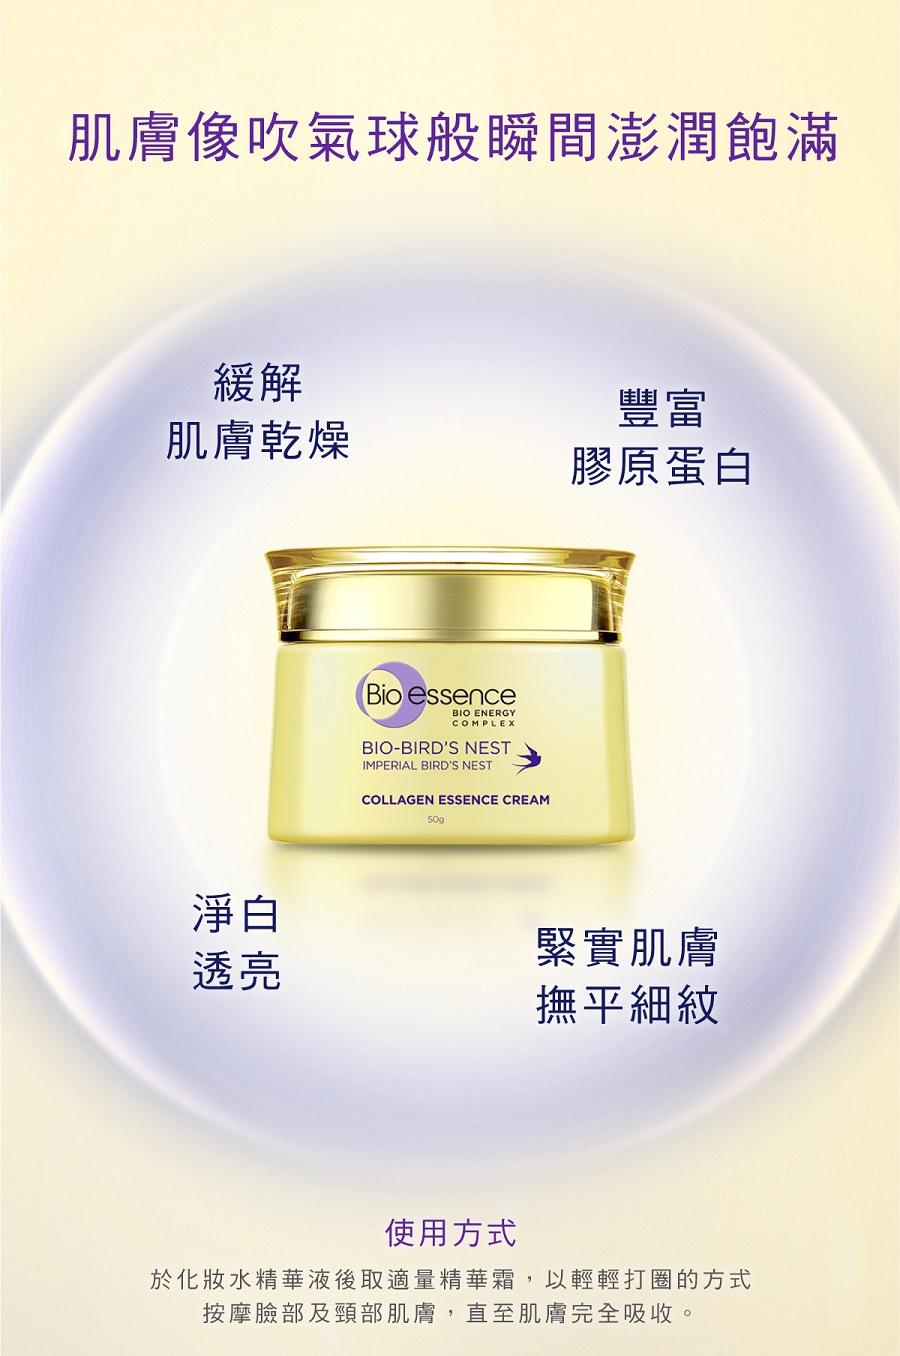 Collagen Essence Cream - Benefit